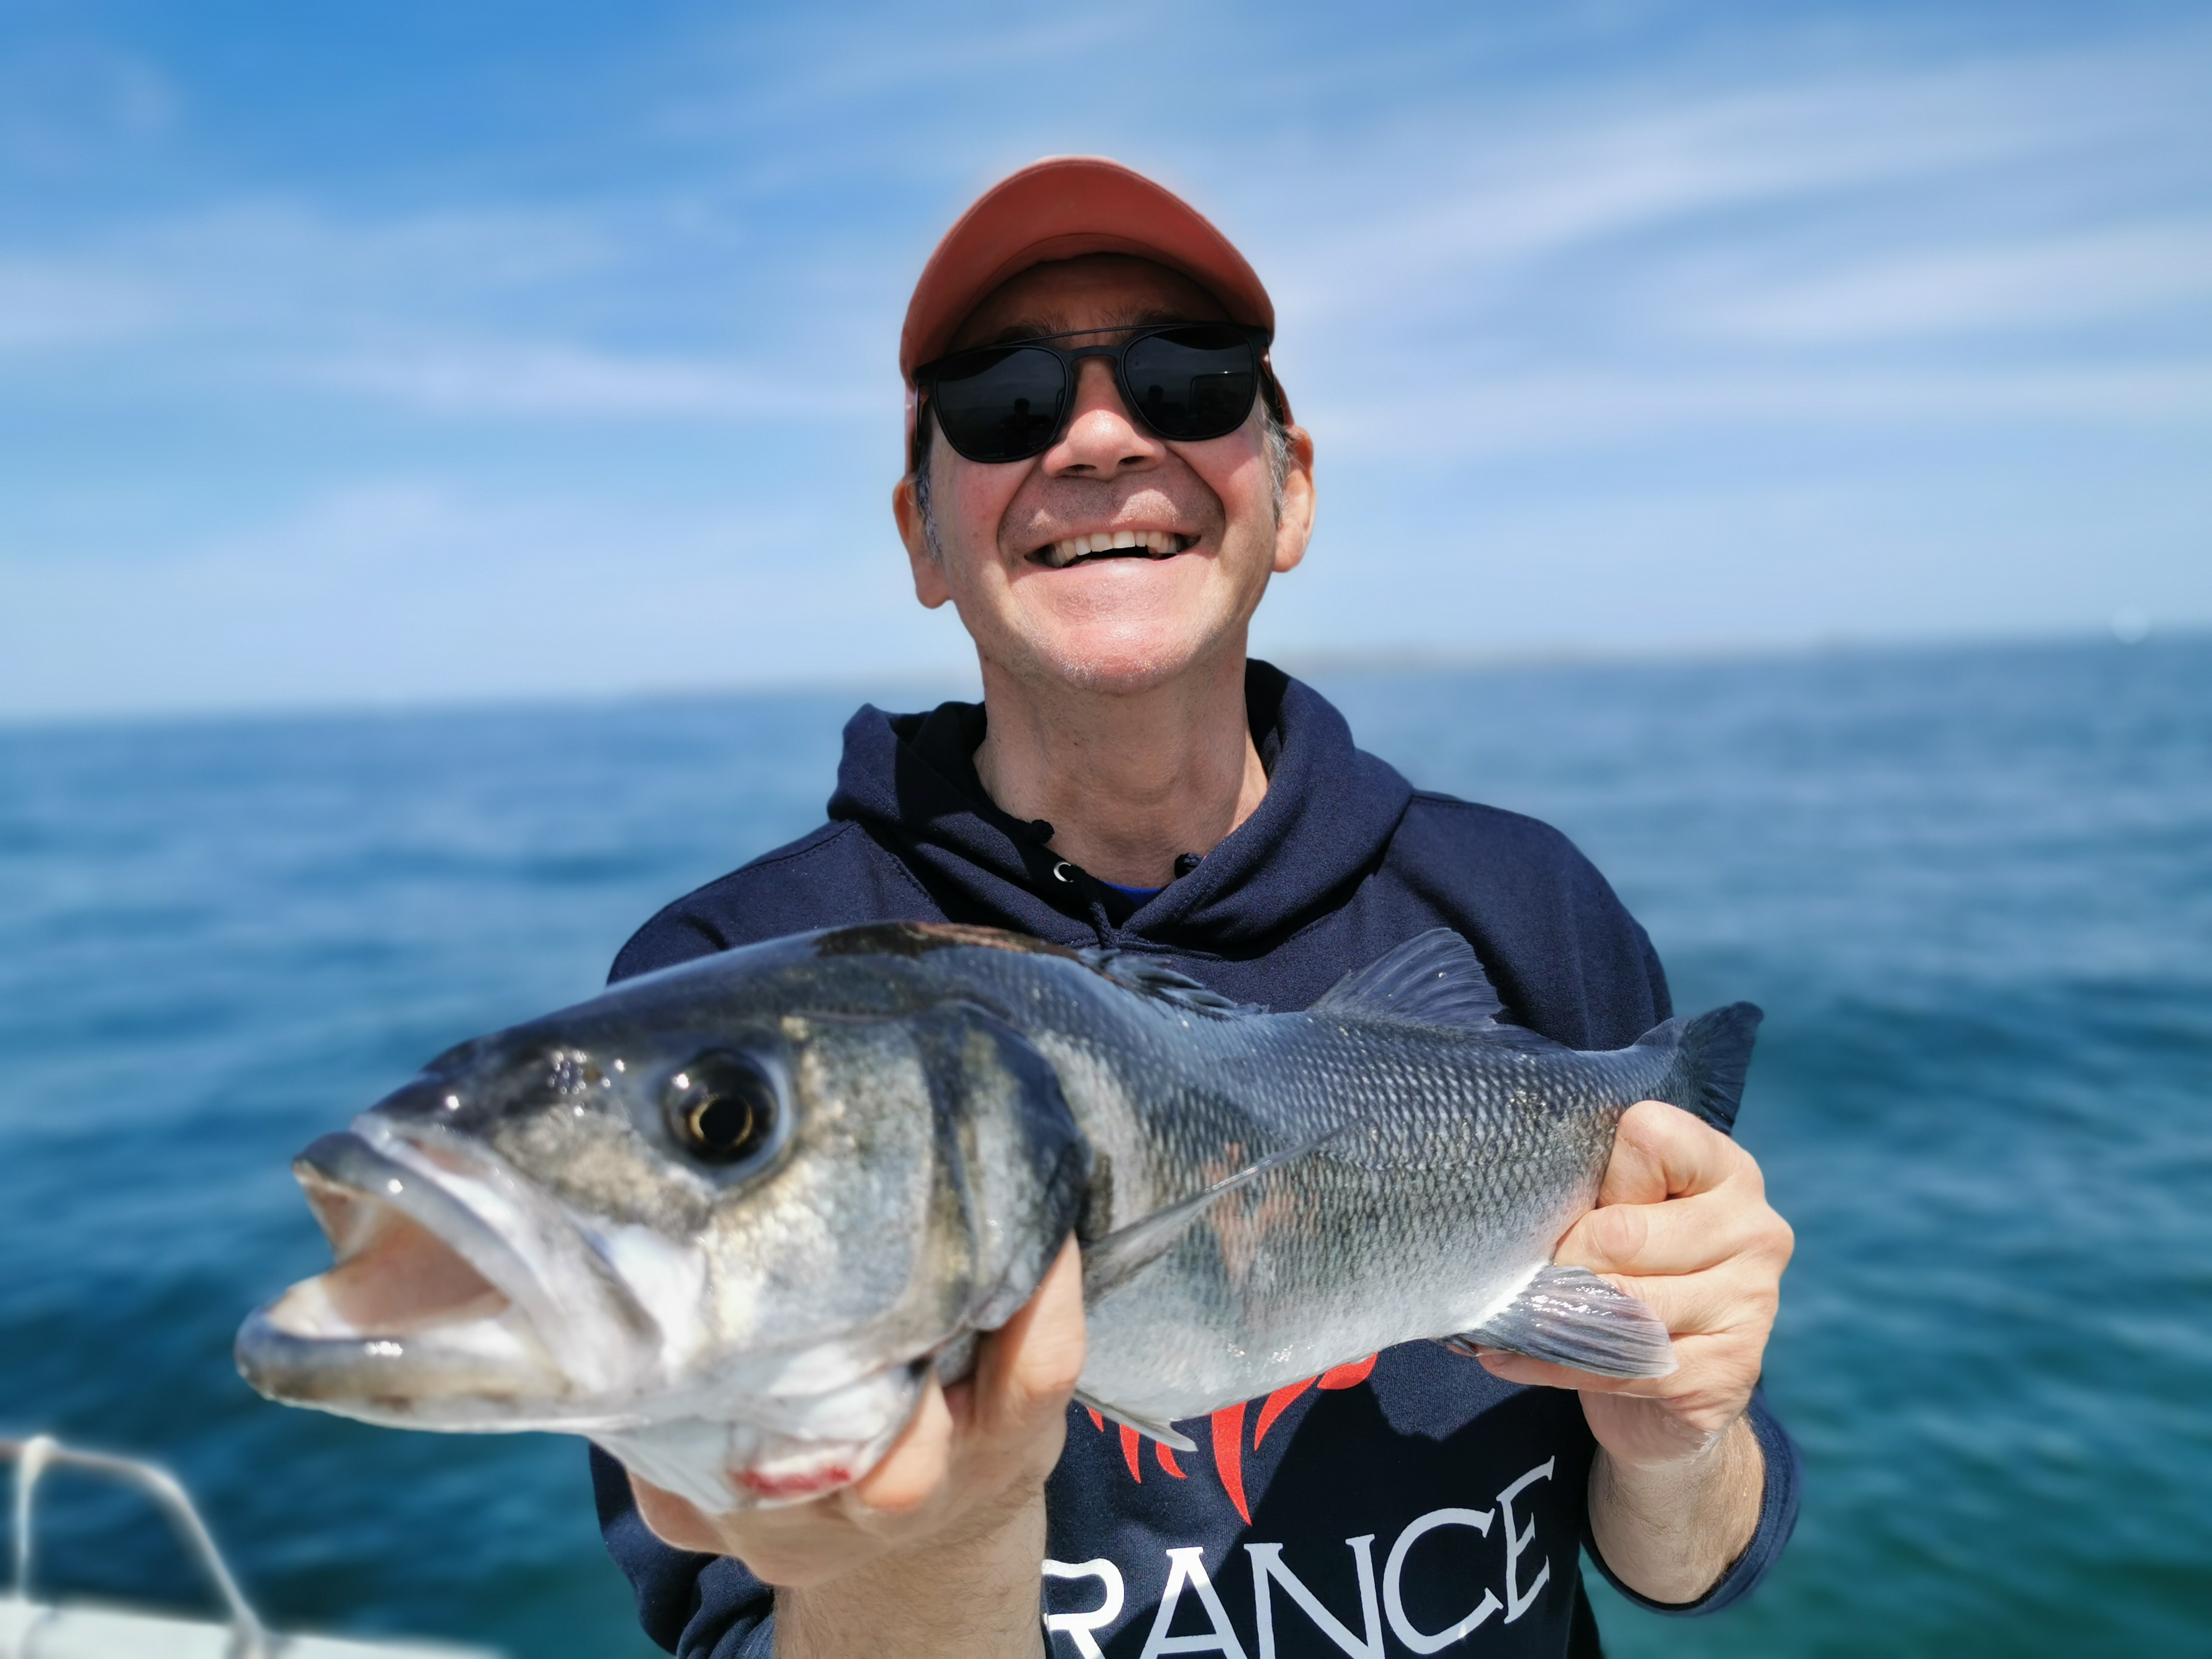 Pierre Yves Perrodo guide de pêche Golfe du morbihan, guide golfe du morbihan, guide peche morbihan, guidagepechemorbihan